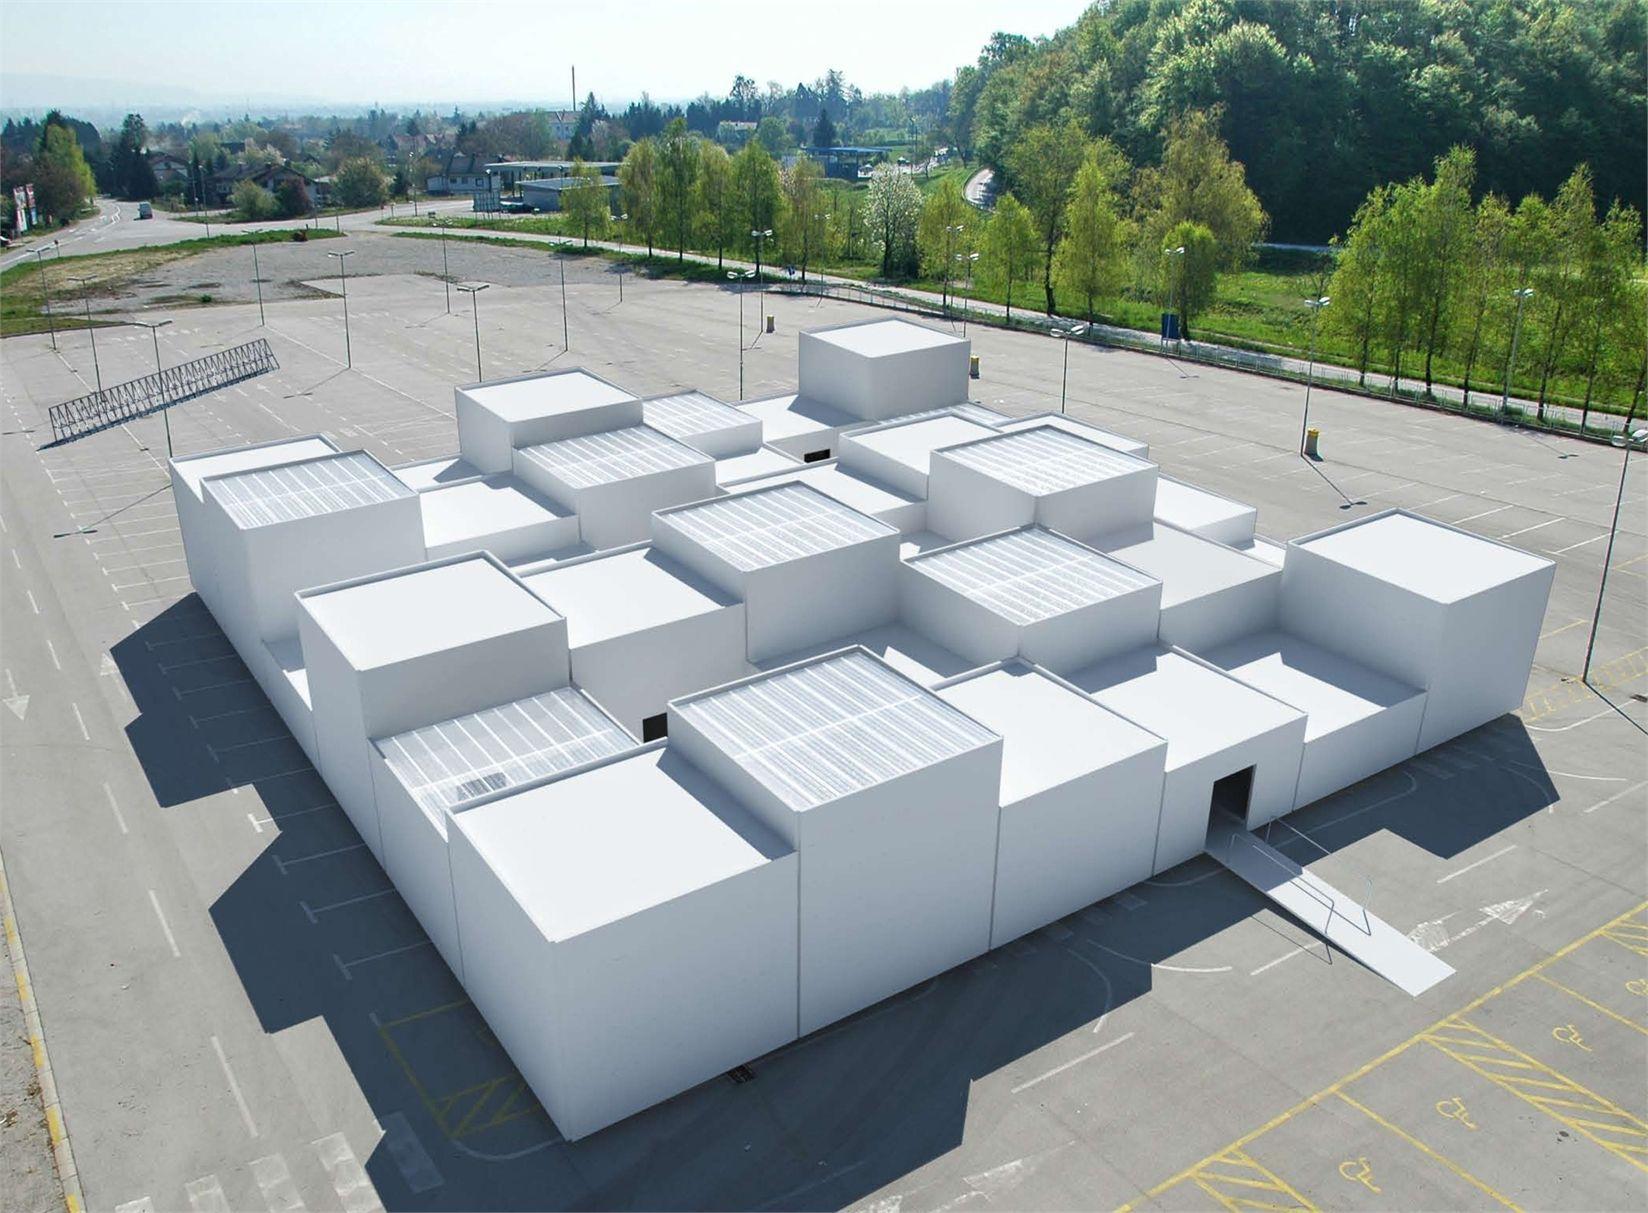 progetto per il Centre Pompidou Mobile, 2009, courtesy Berger&Berger